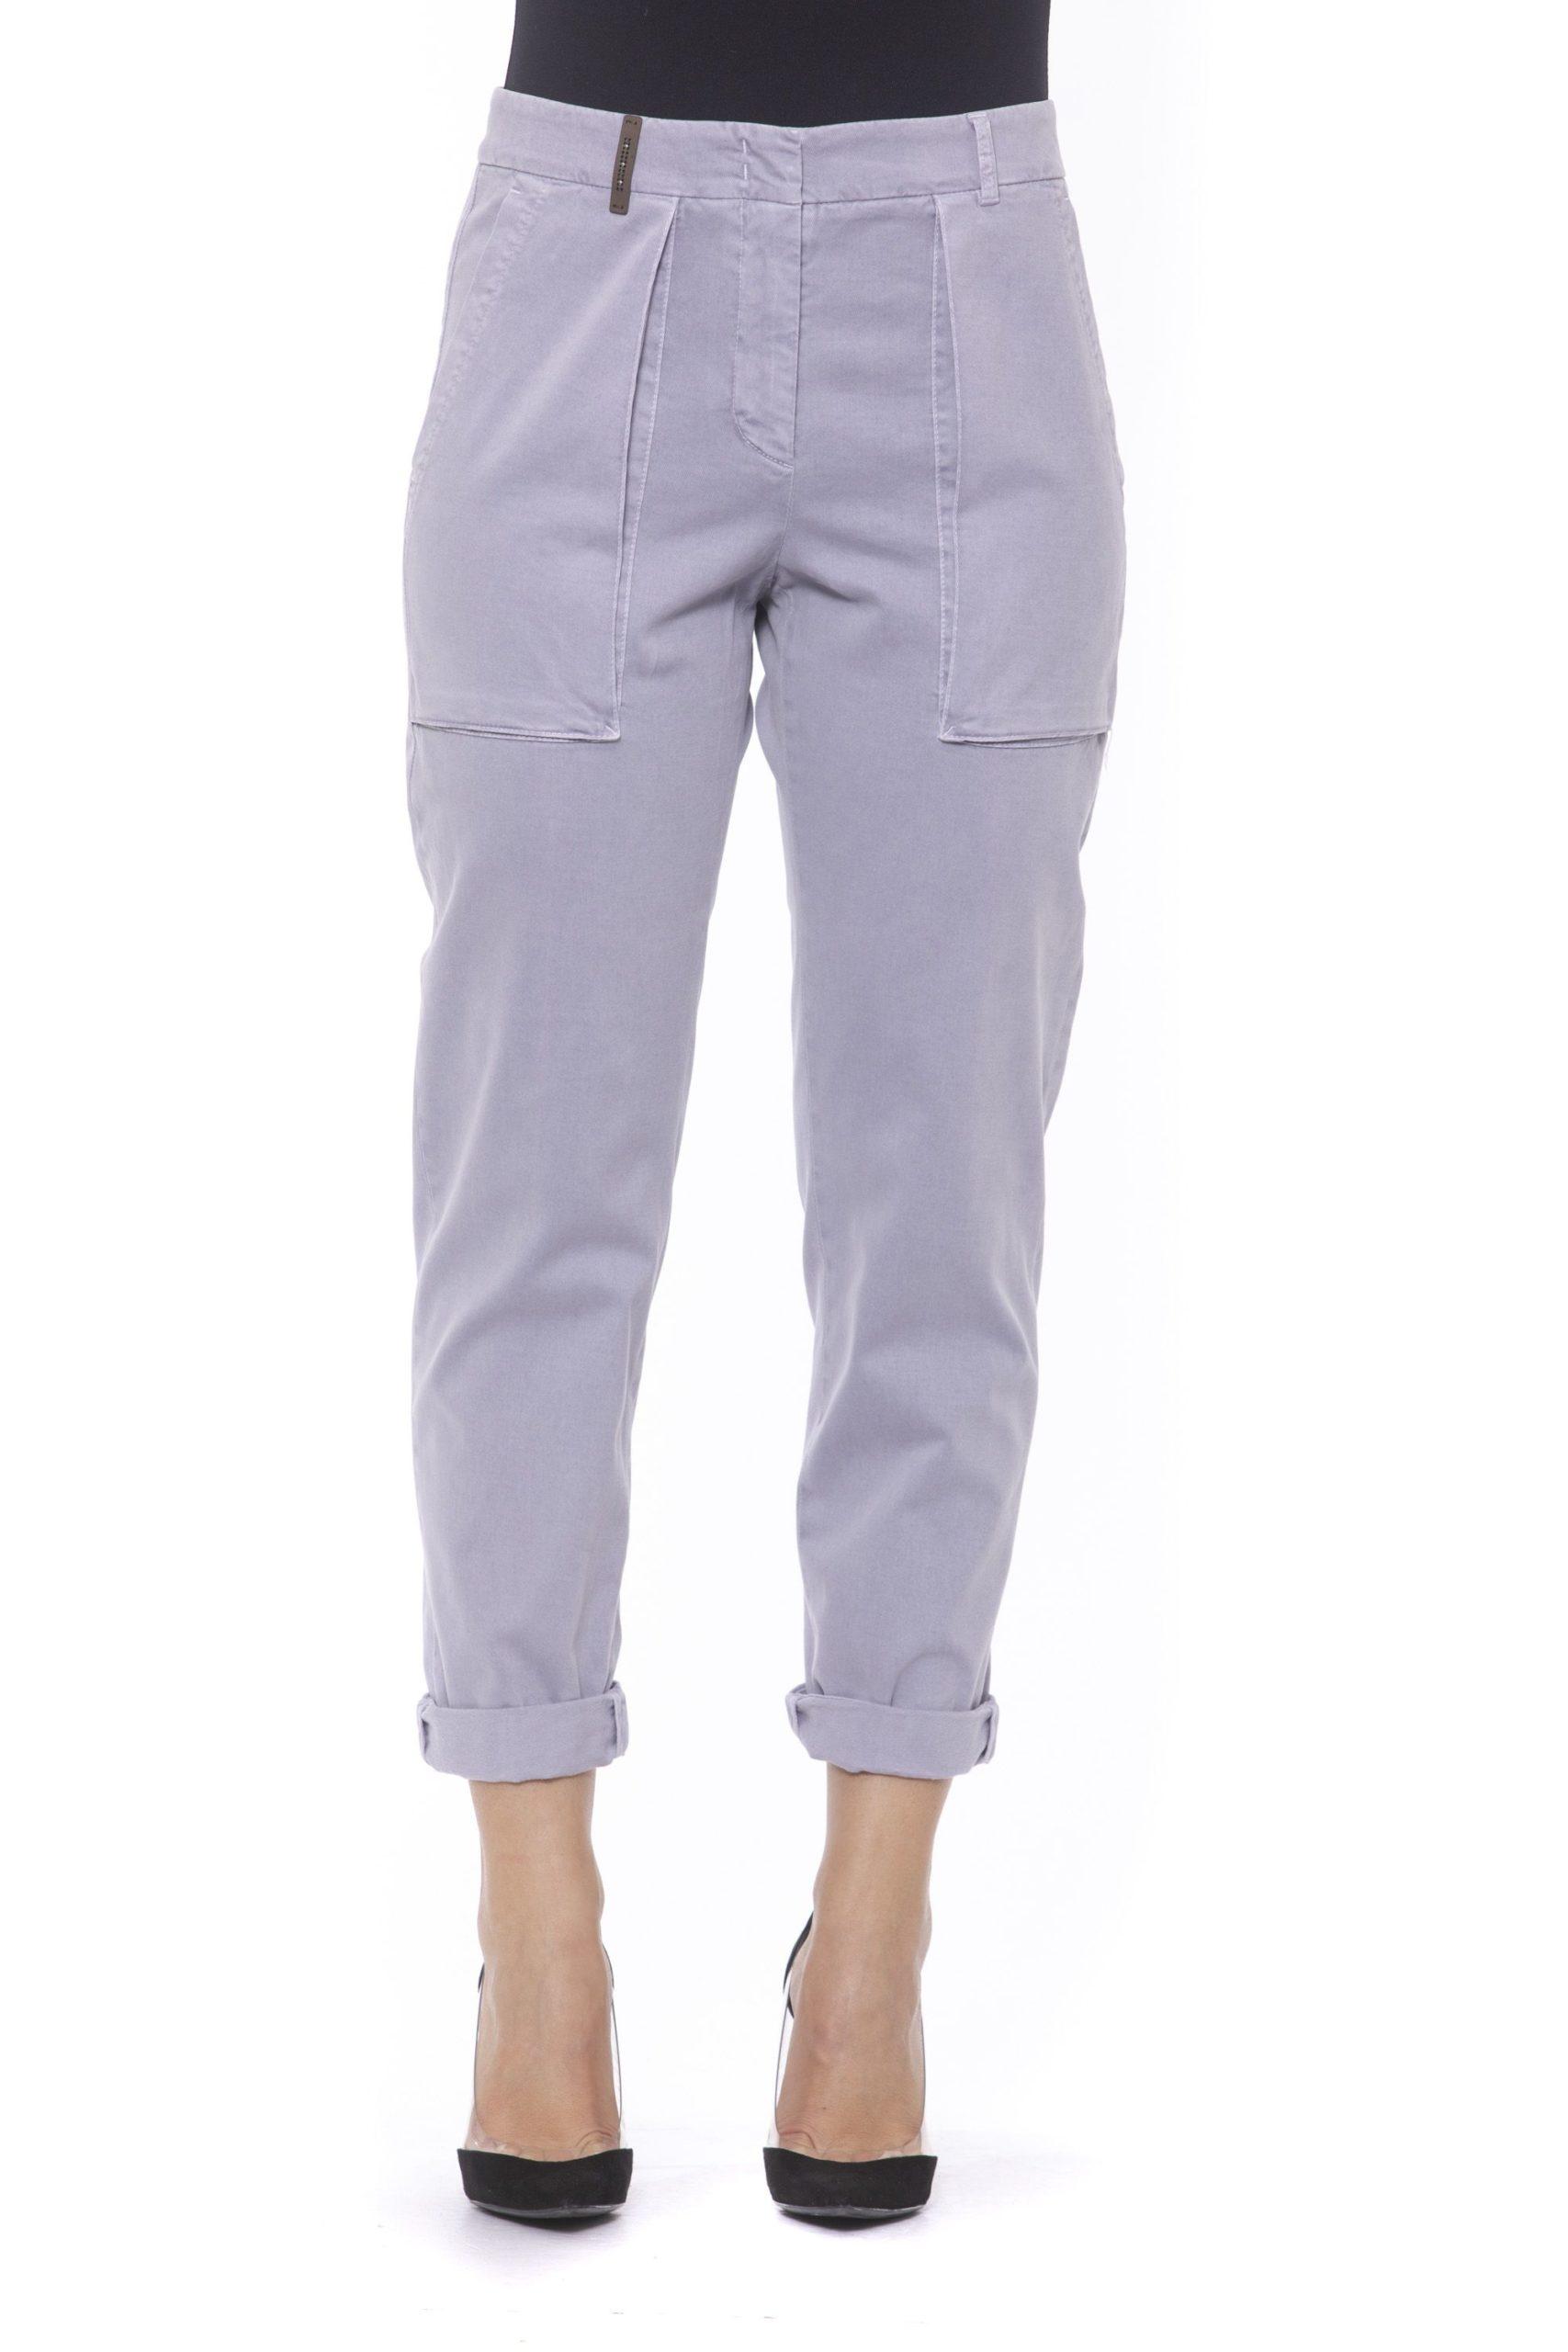 Lilla Jeans & Pant - IT42 | S